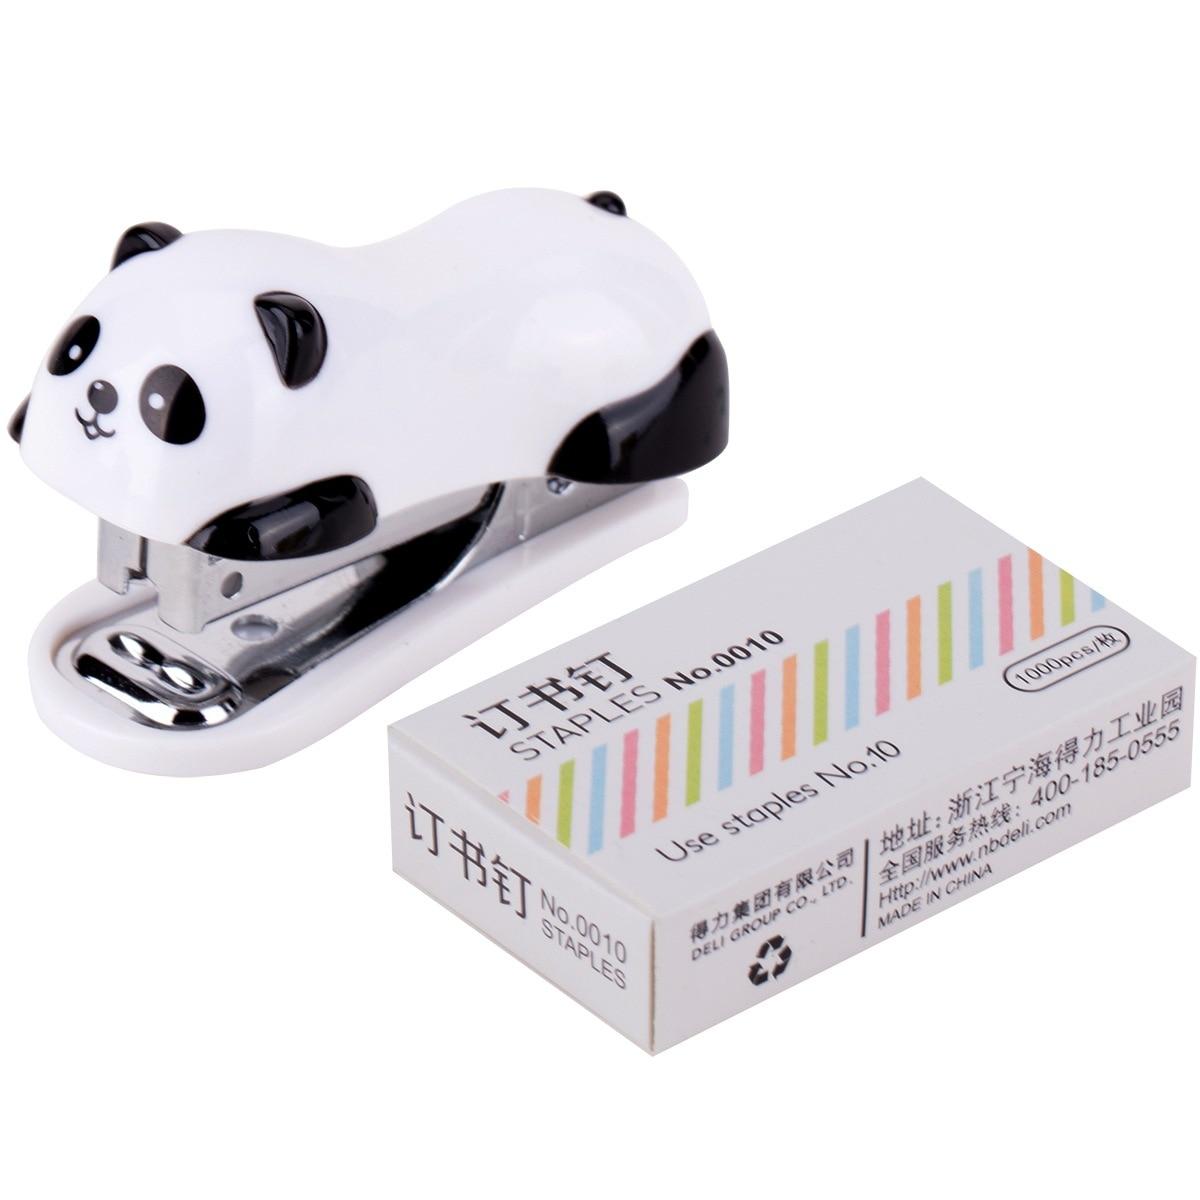 conjunto-de-grapadora-de-panda-pequenos-animales-bonitos-escolar-oficina-suministro-premio-de-estudiante-regalo-de-cumpleanos